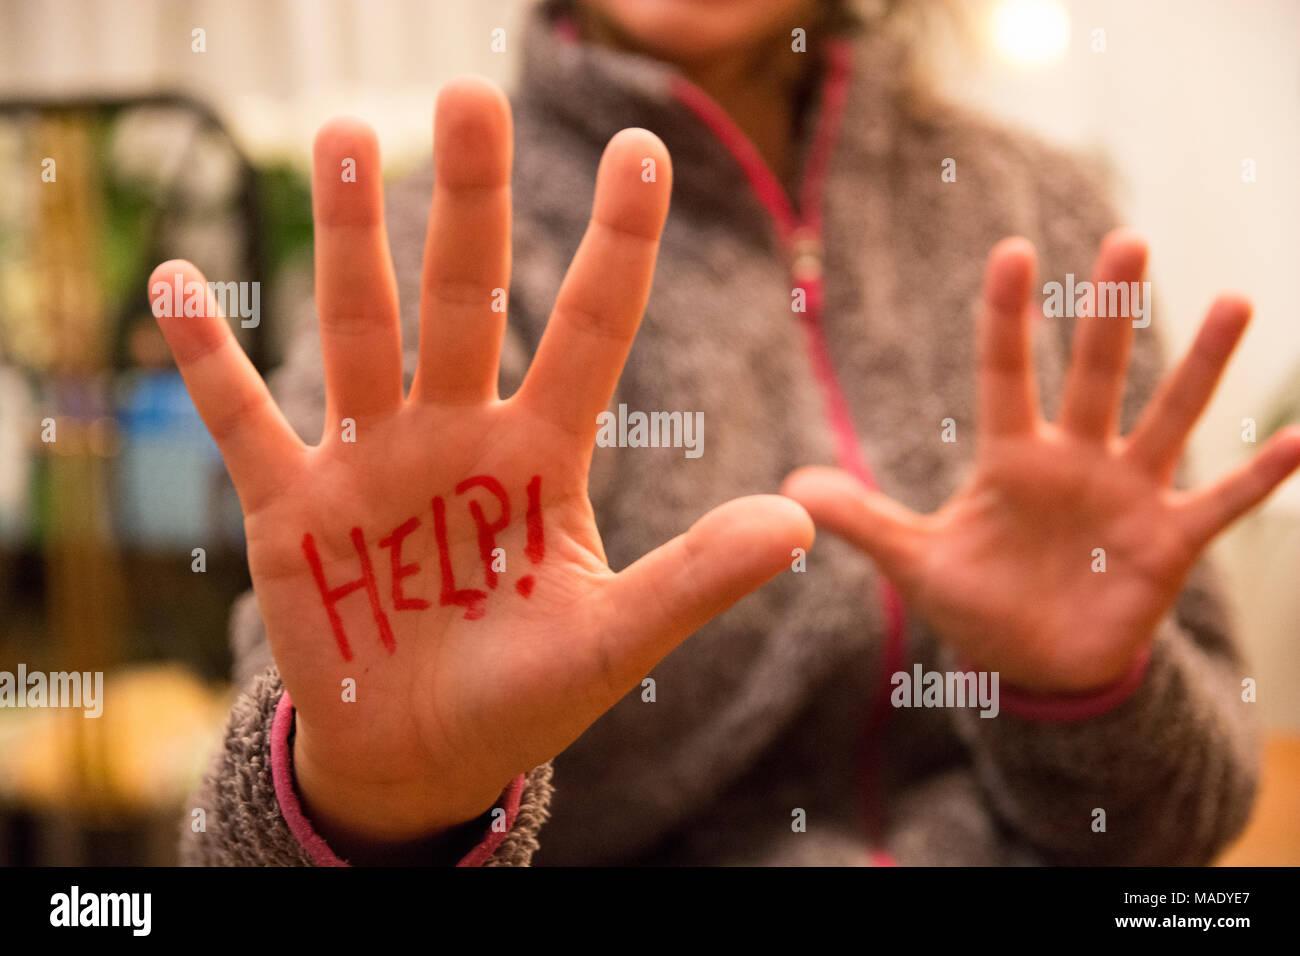 Hilfe! Auf Frau Hand in der Nähe der Kamera geschrieben. Frau bittet um Hilfe writting an seine Hand. Stockbild